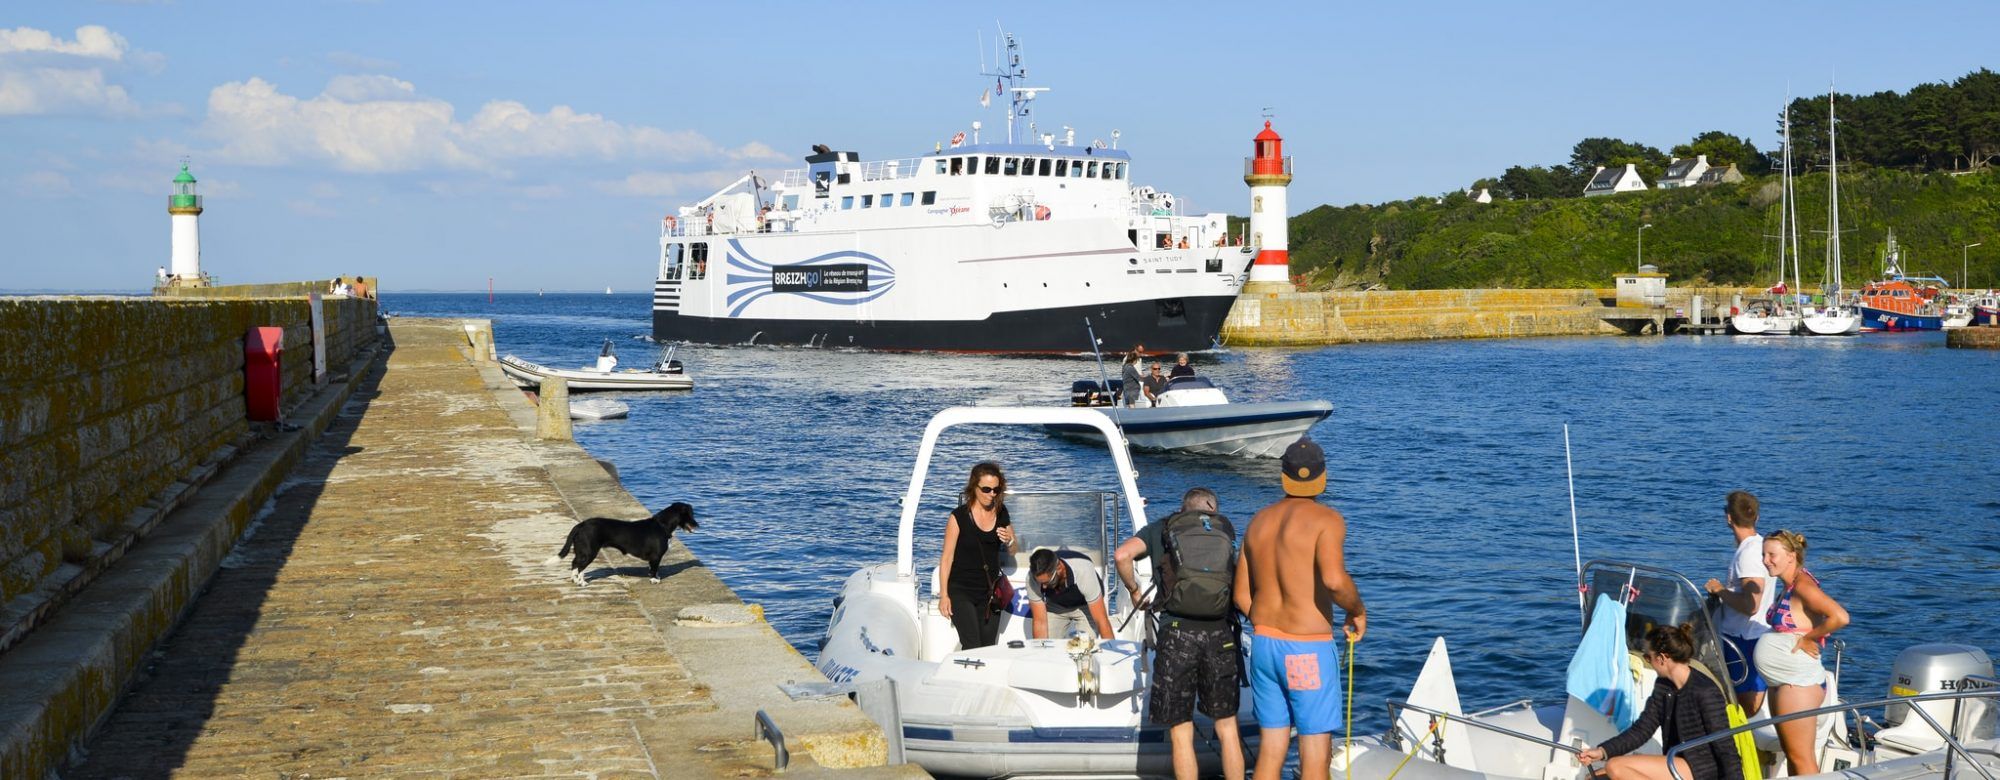 Arrivée du bateau à Port Tudy.